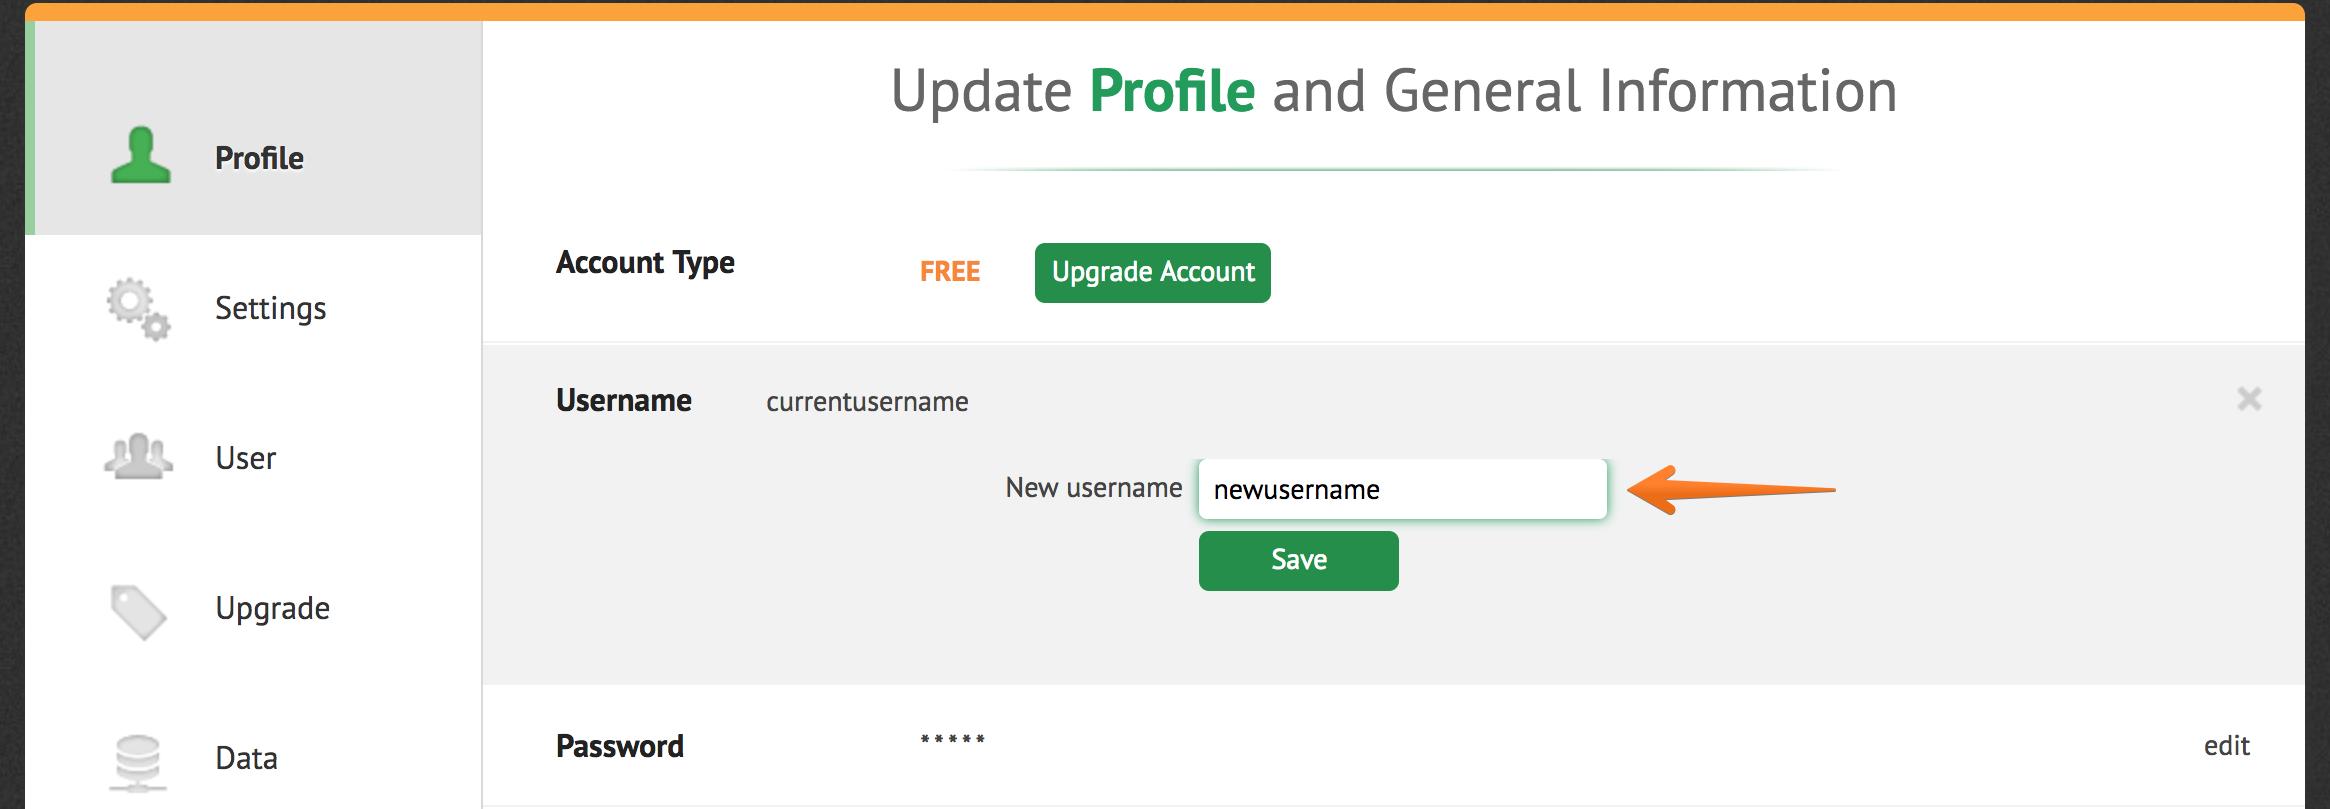 61841_usernameChange.png?1.0.449